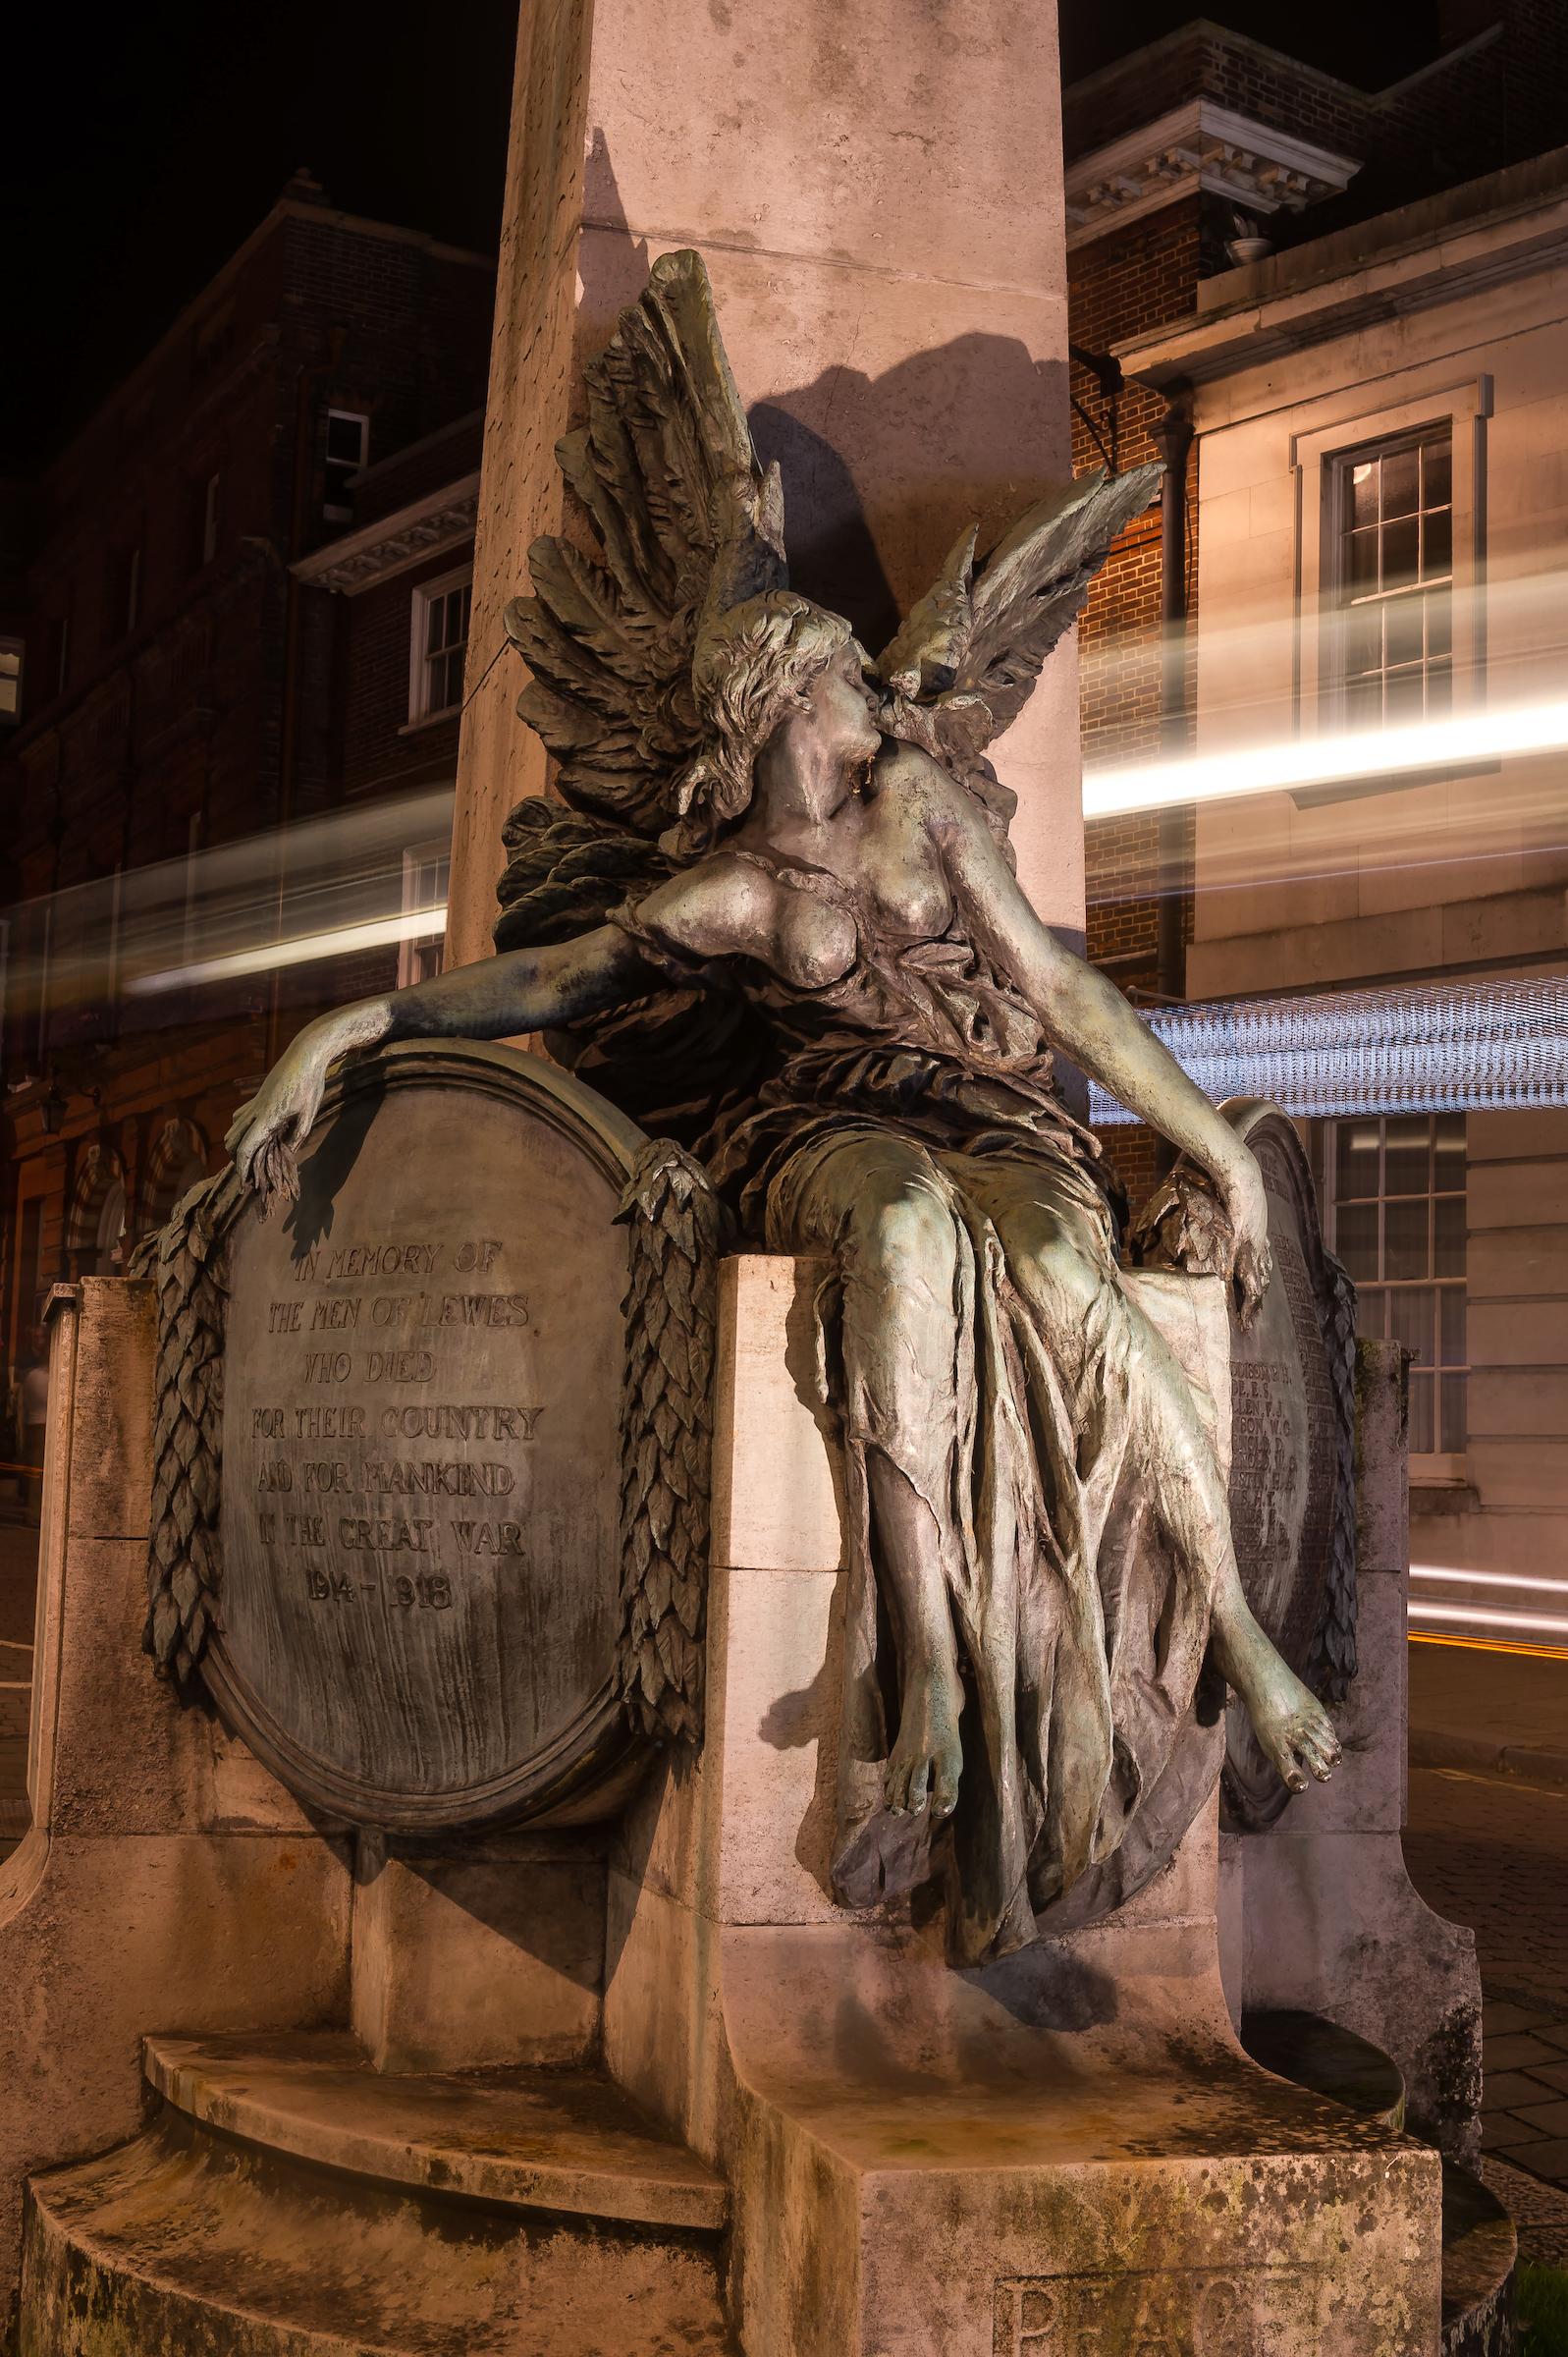 Graham Festenstein's War Memorial lighting brings the sculptures to life.